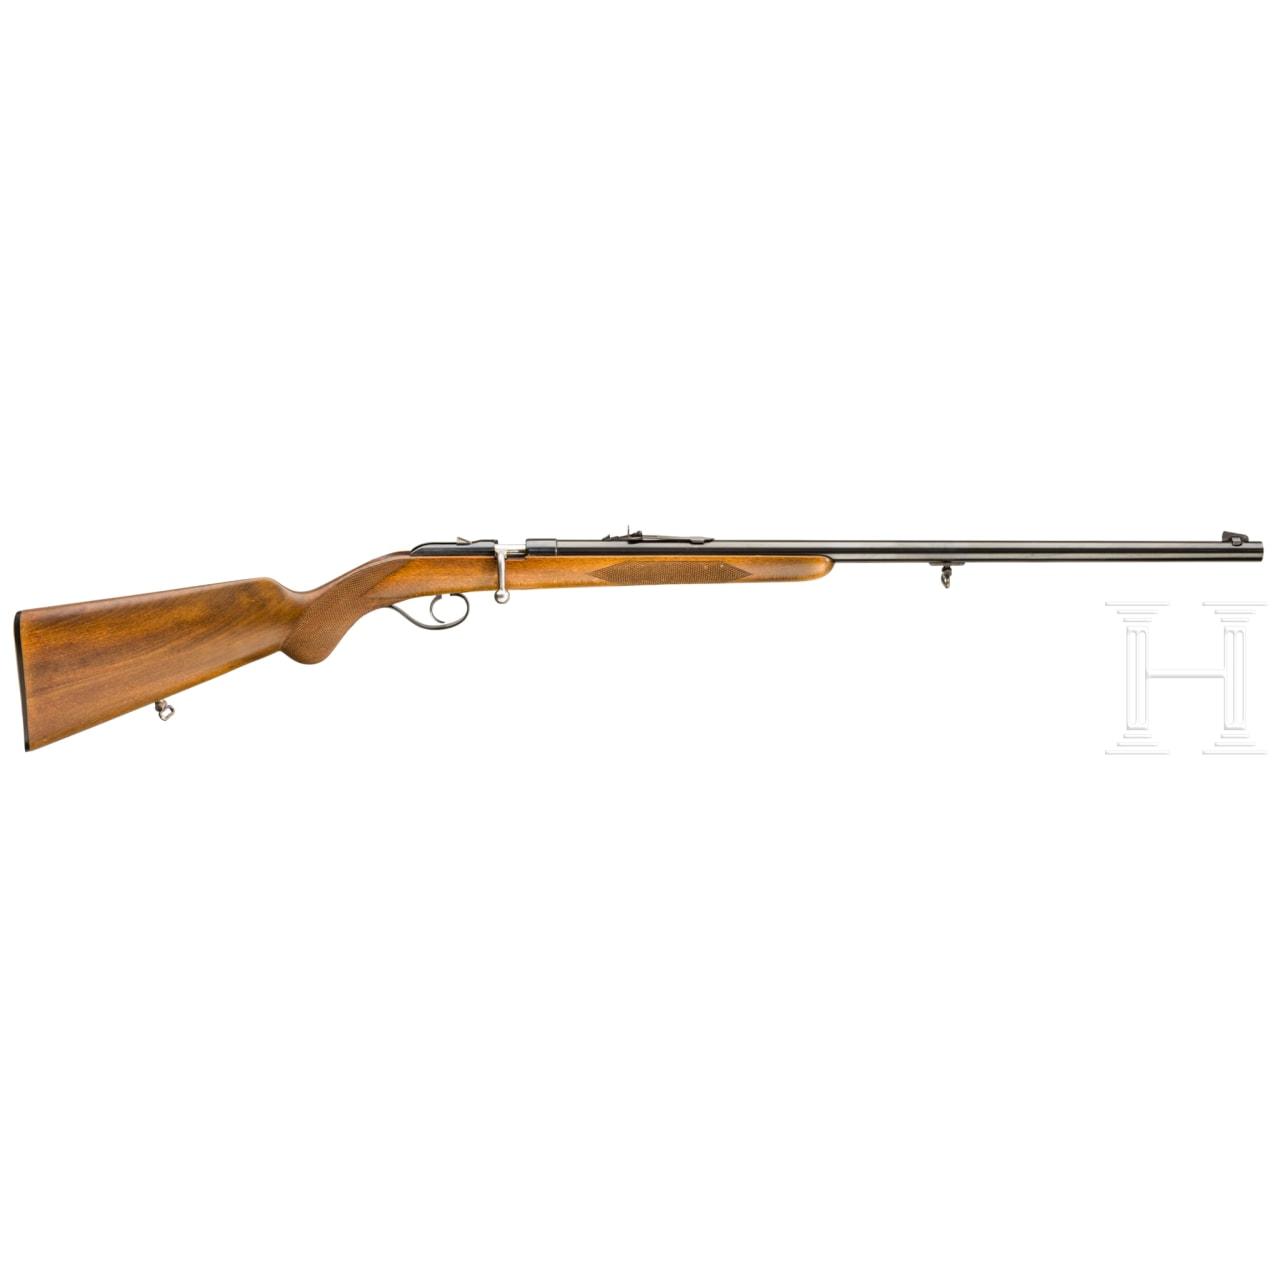 A target rifle Husqvarna M 55